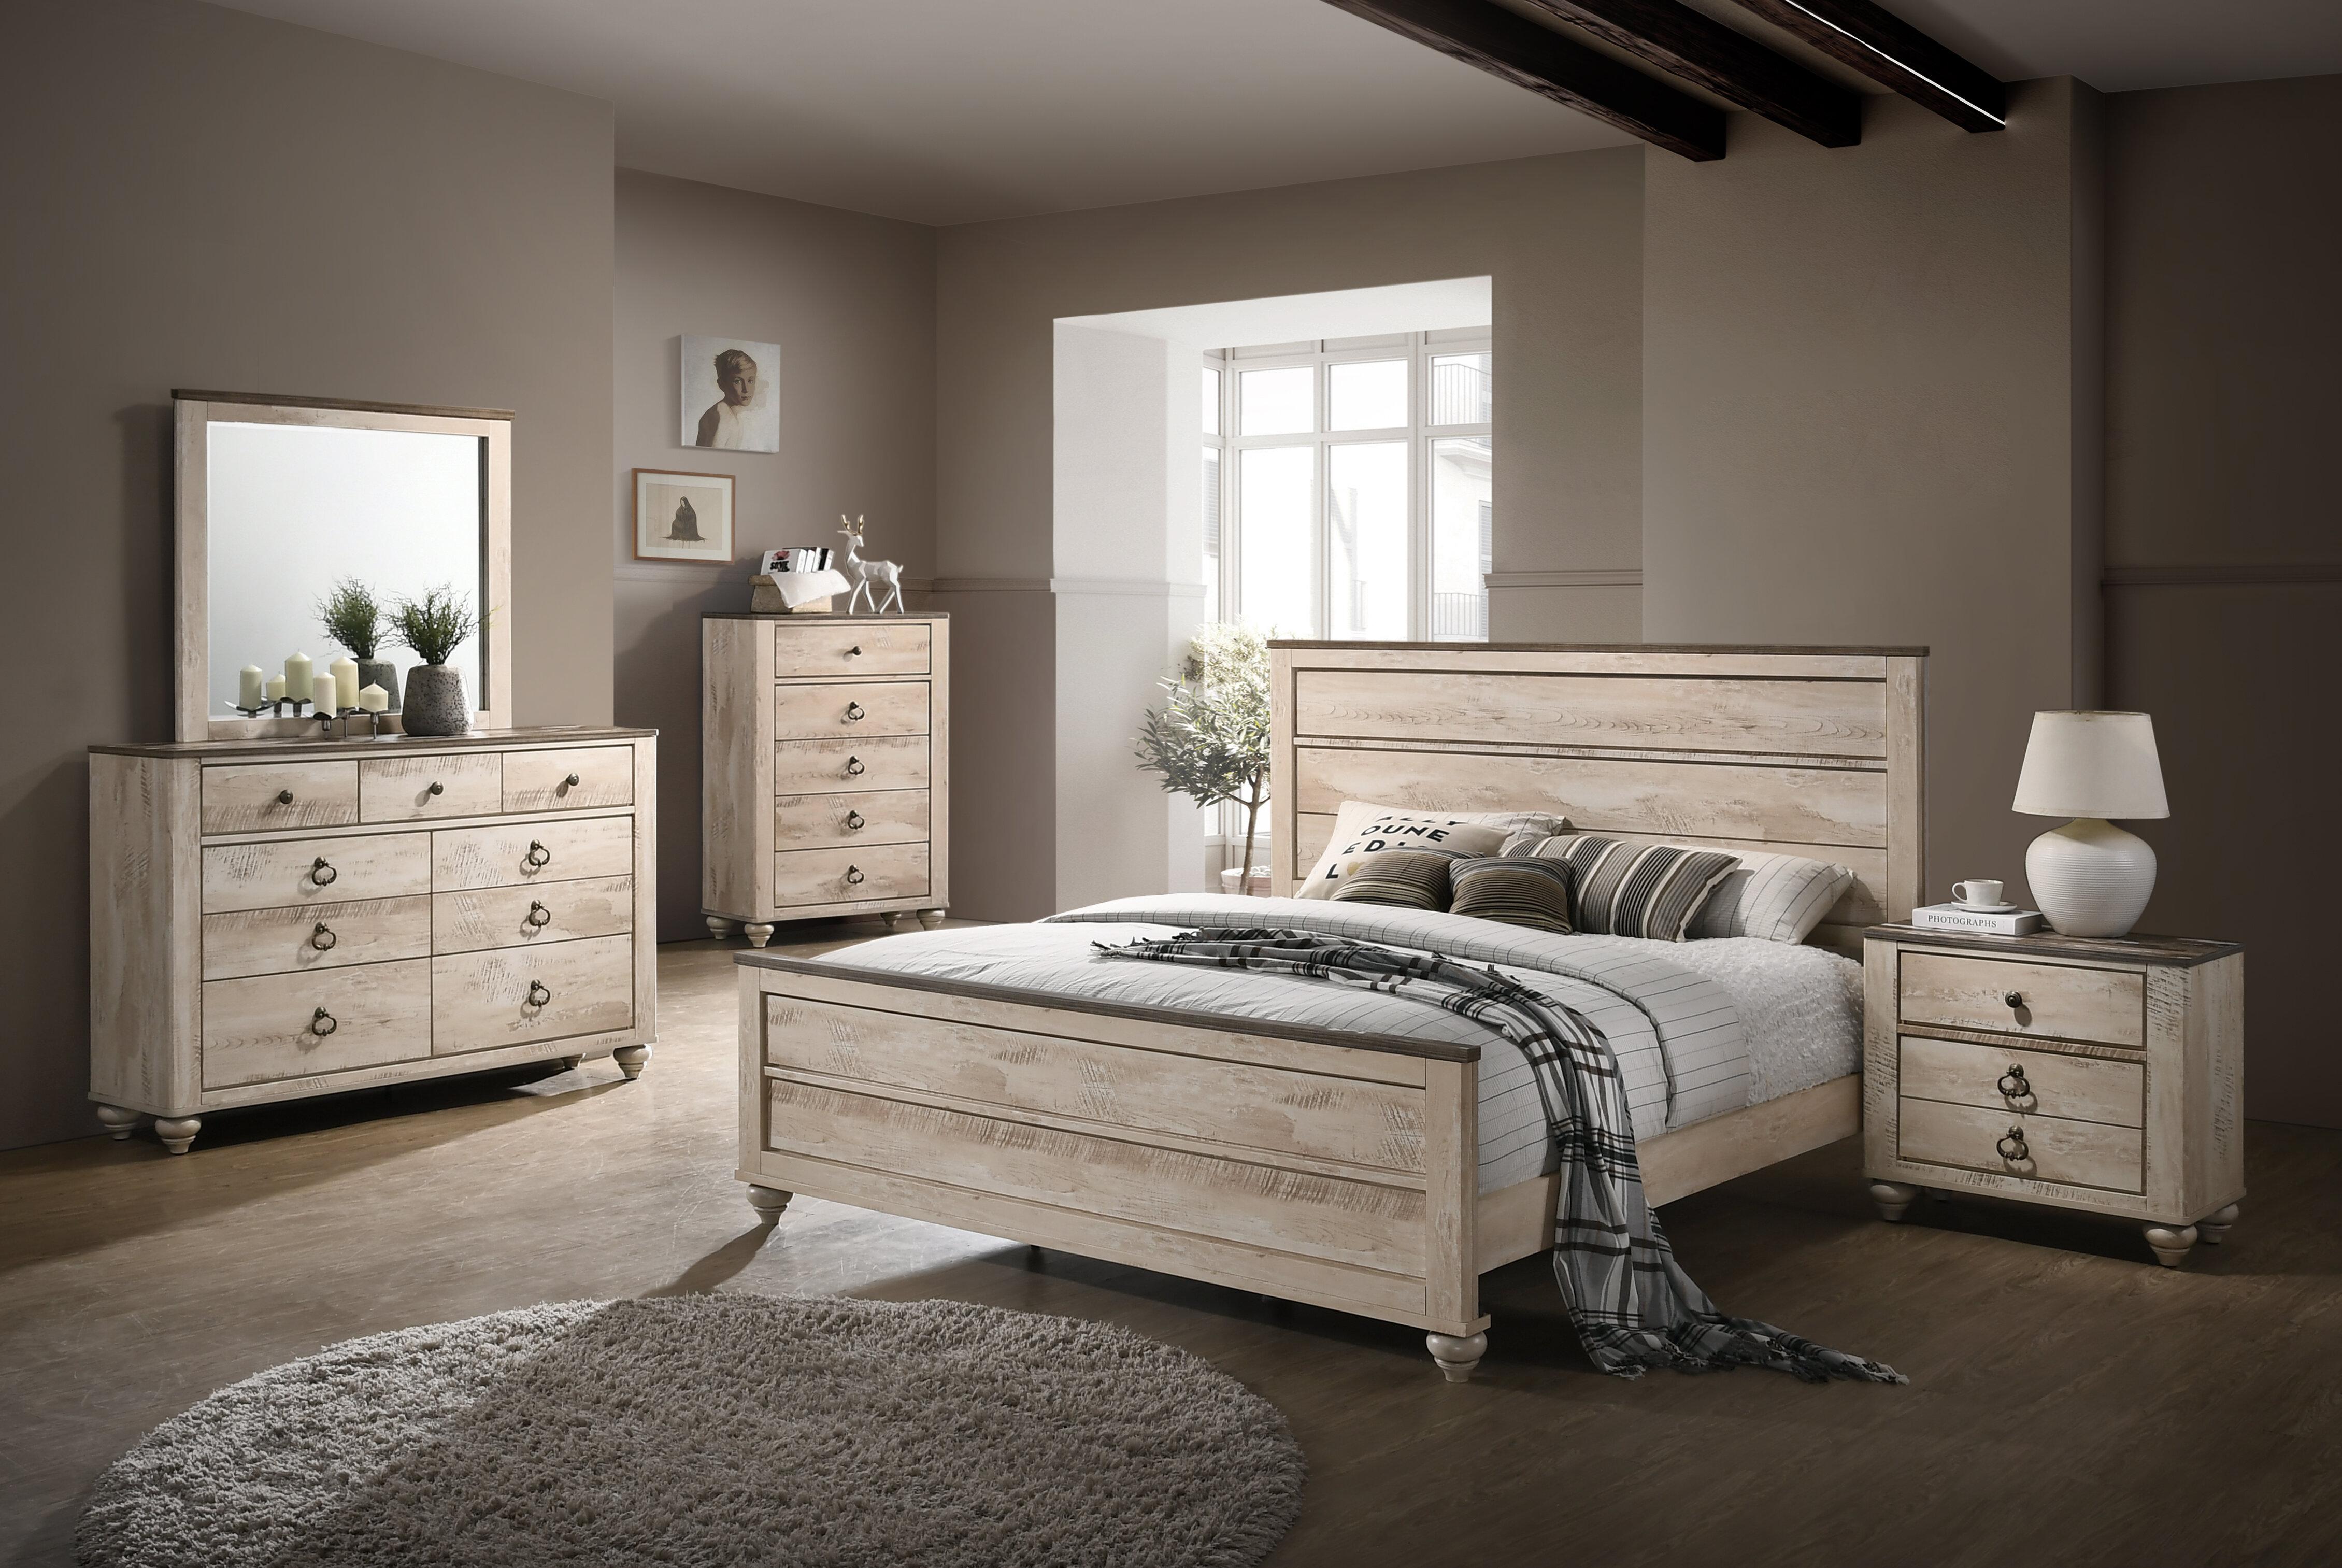 Three Posts Tavistock Panel 5 Piece Bedroom Set & Reviews | Wayfair